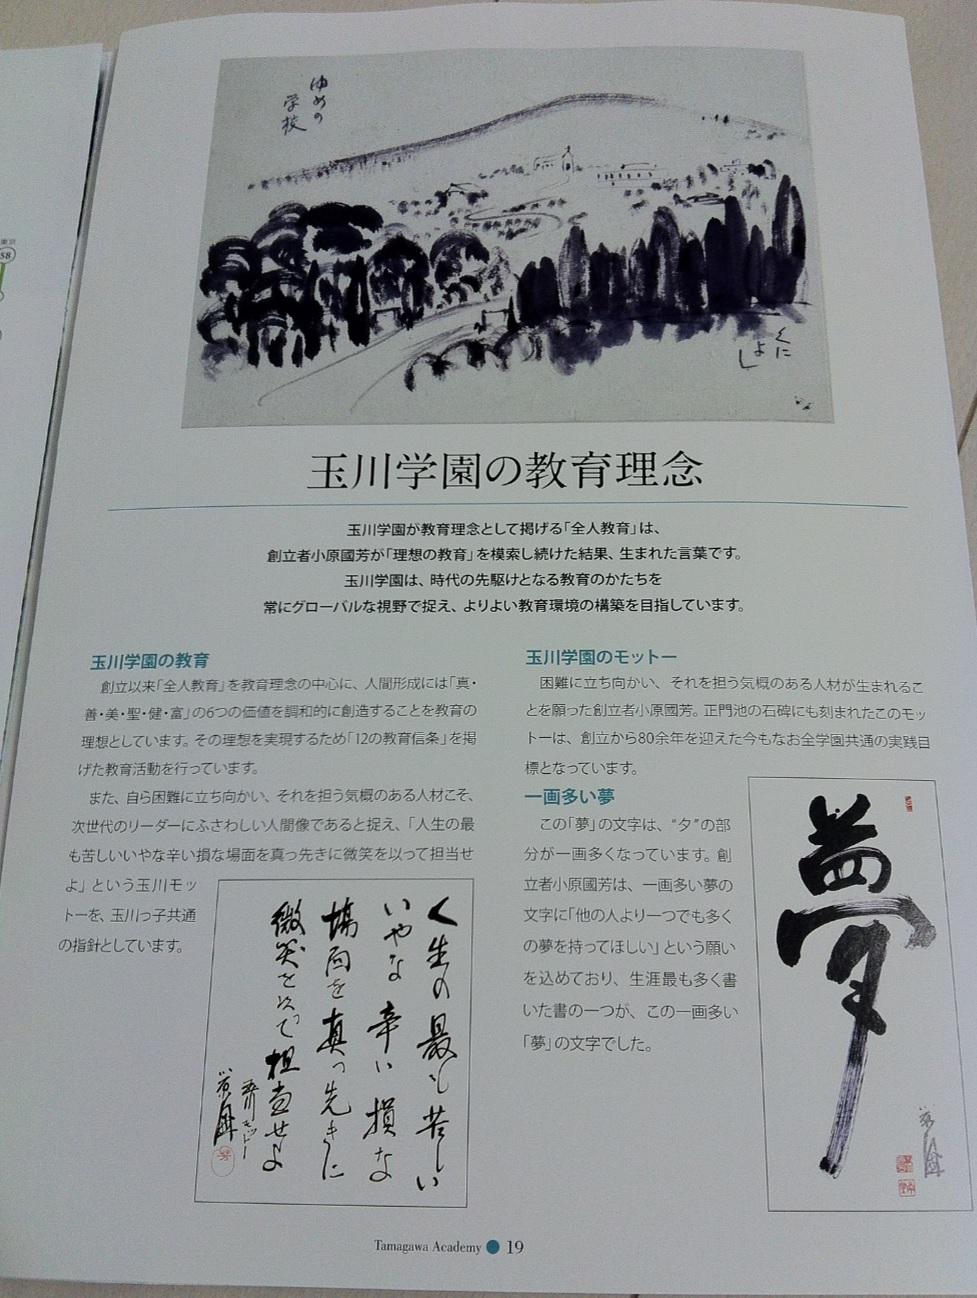 玉川学園小学校の学校案内パンフレット画像キャプチャ(ページ19)